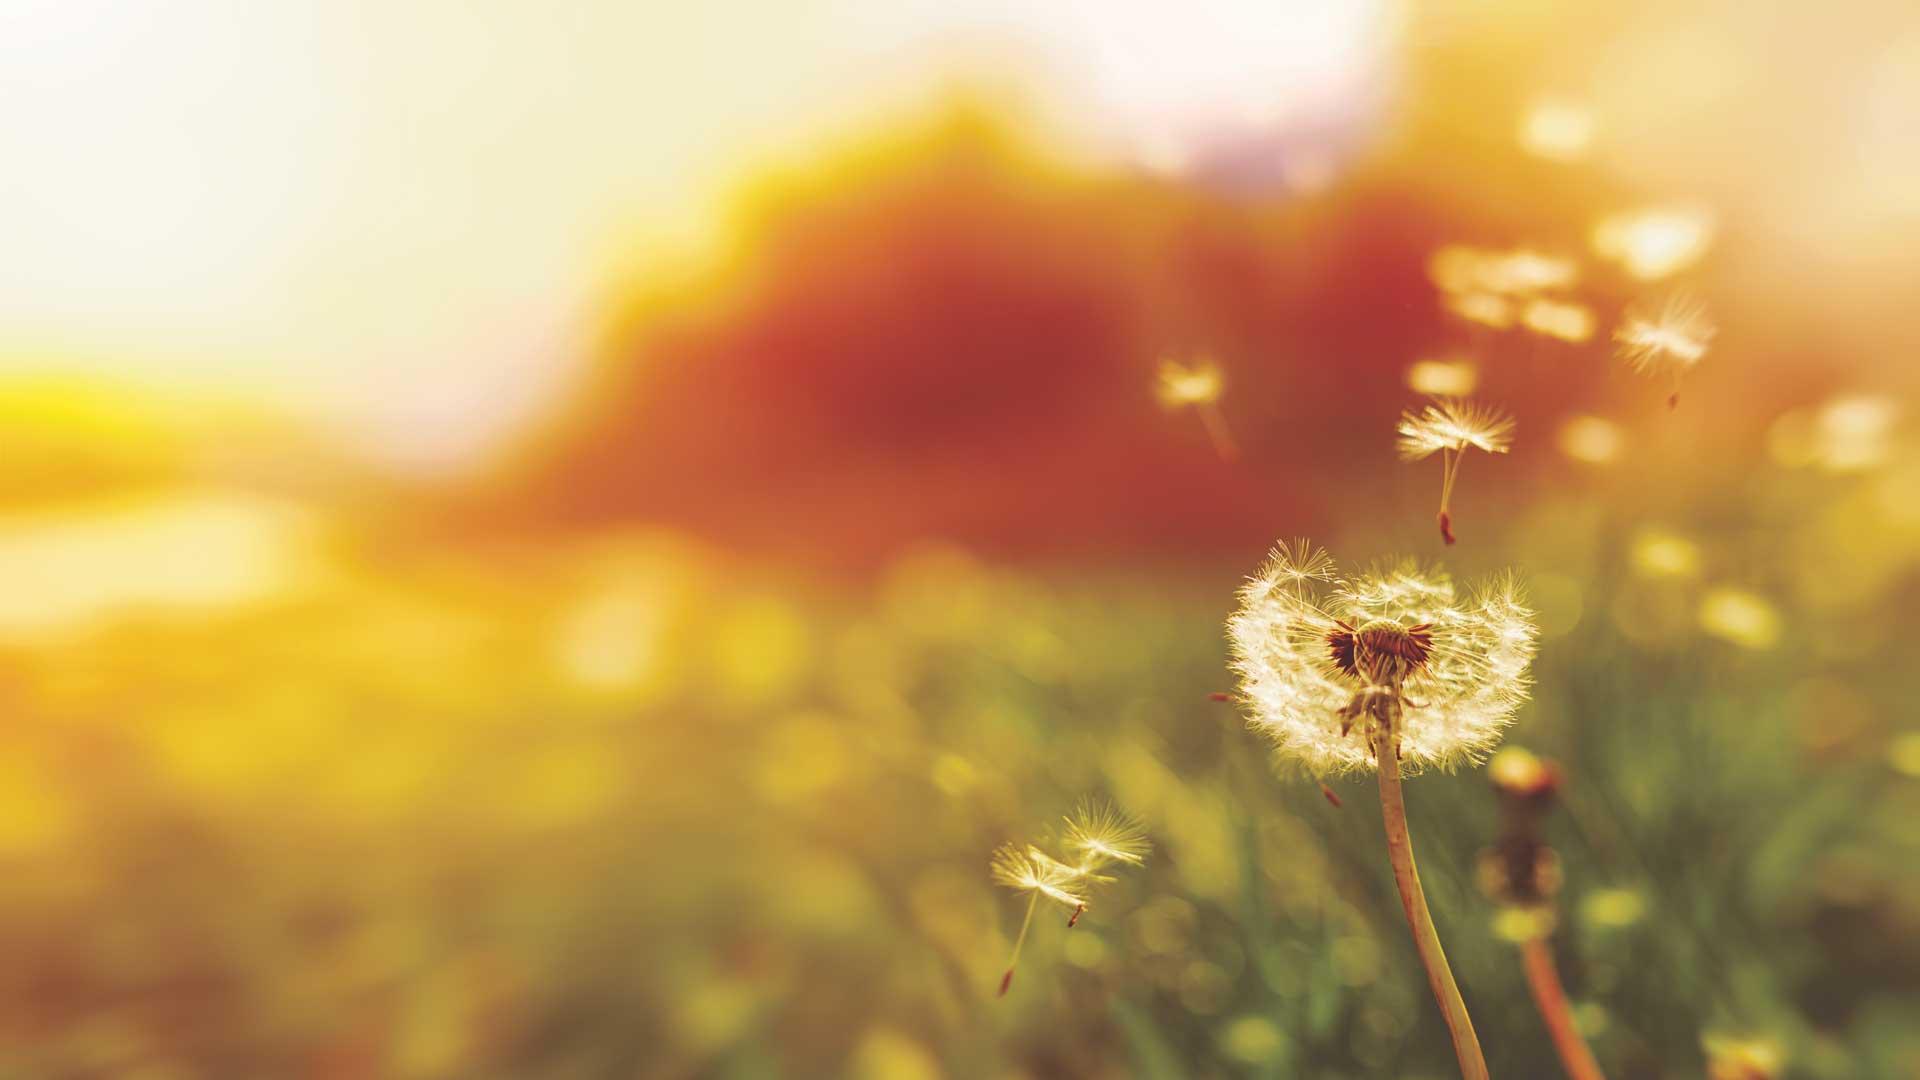 Dandelion in breeze